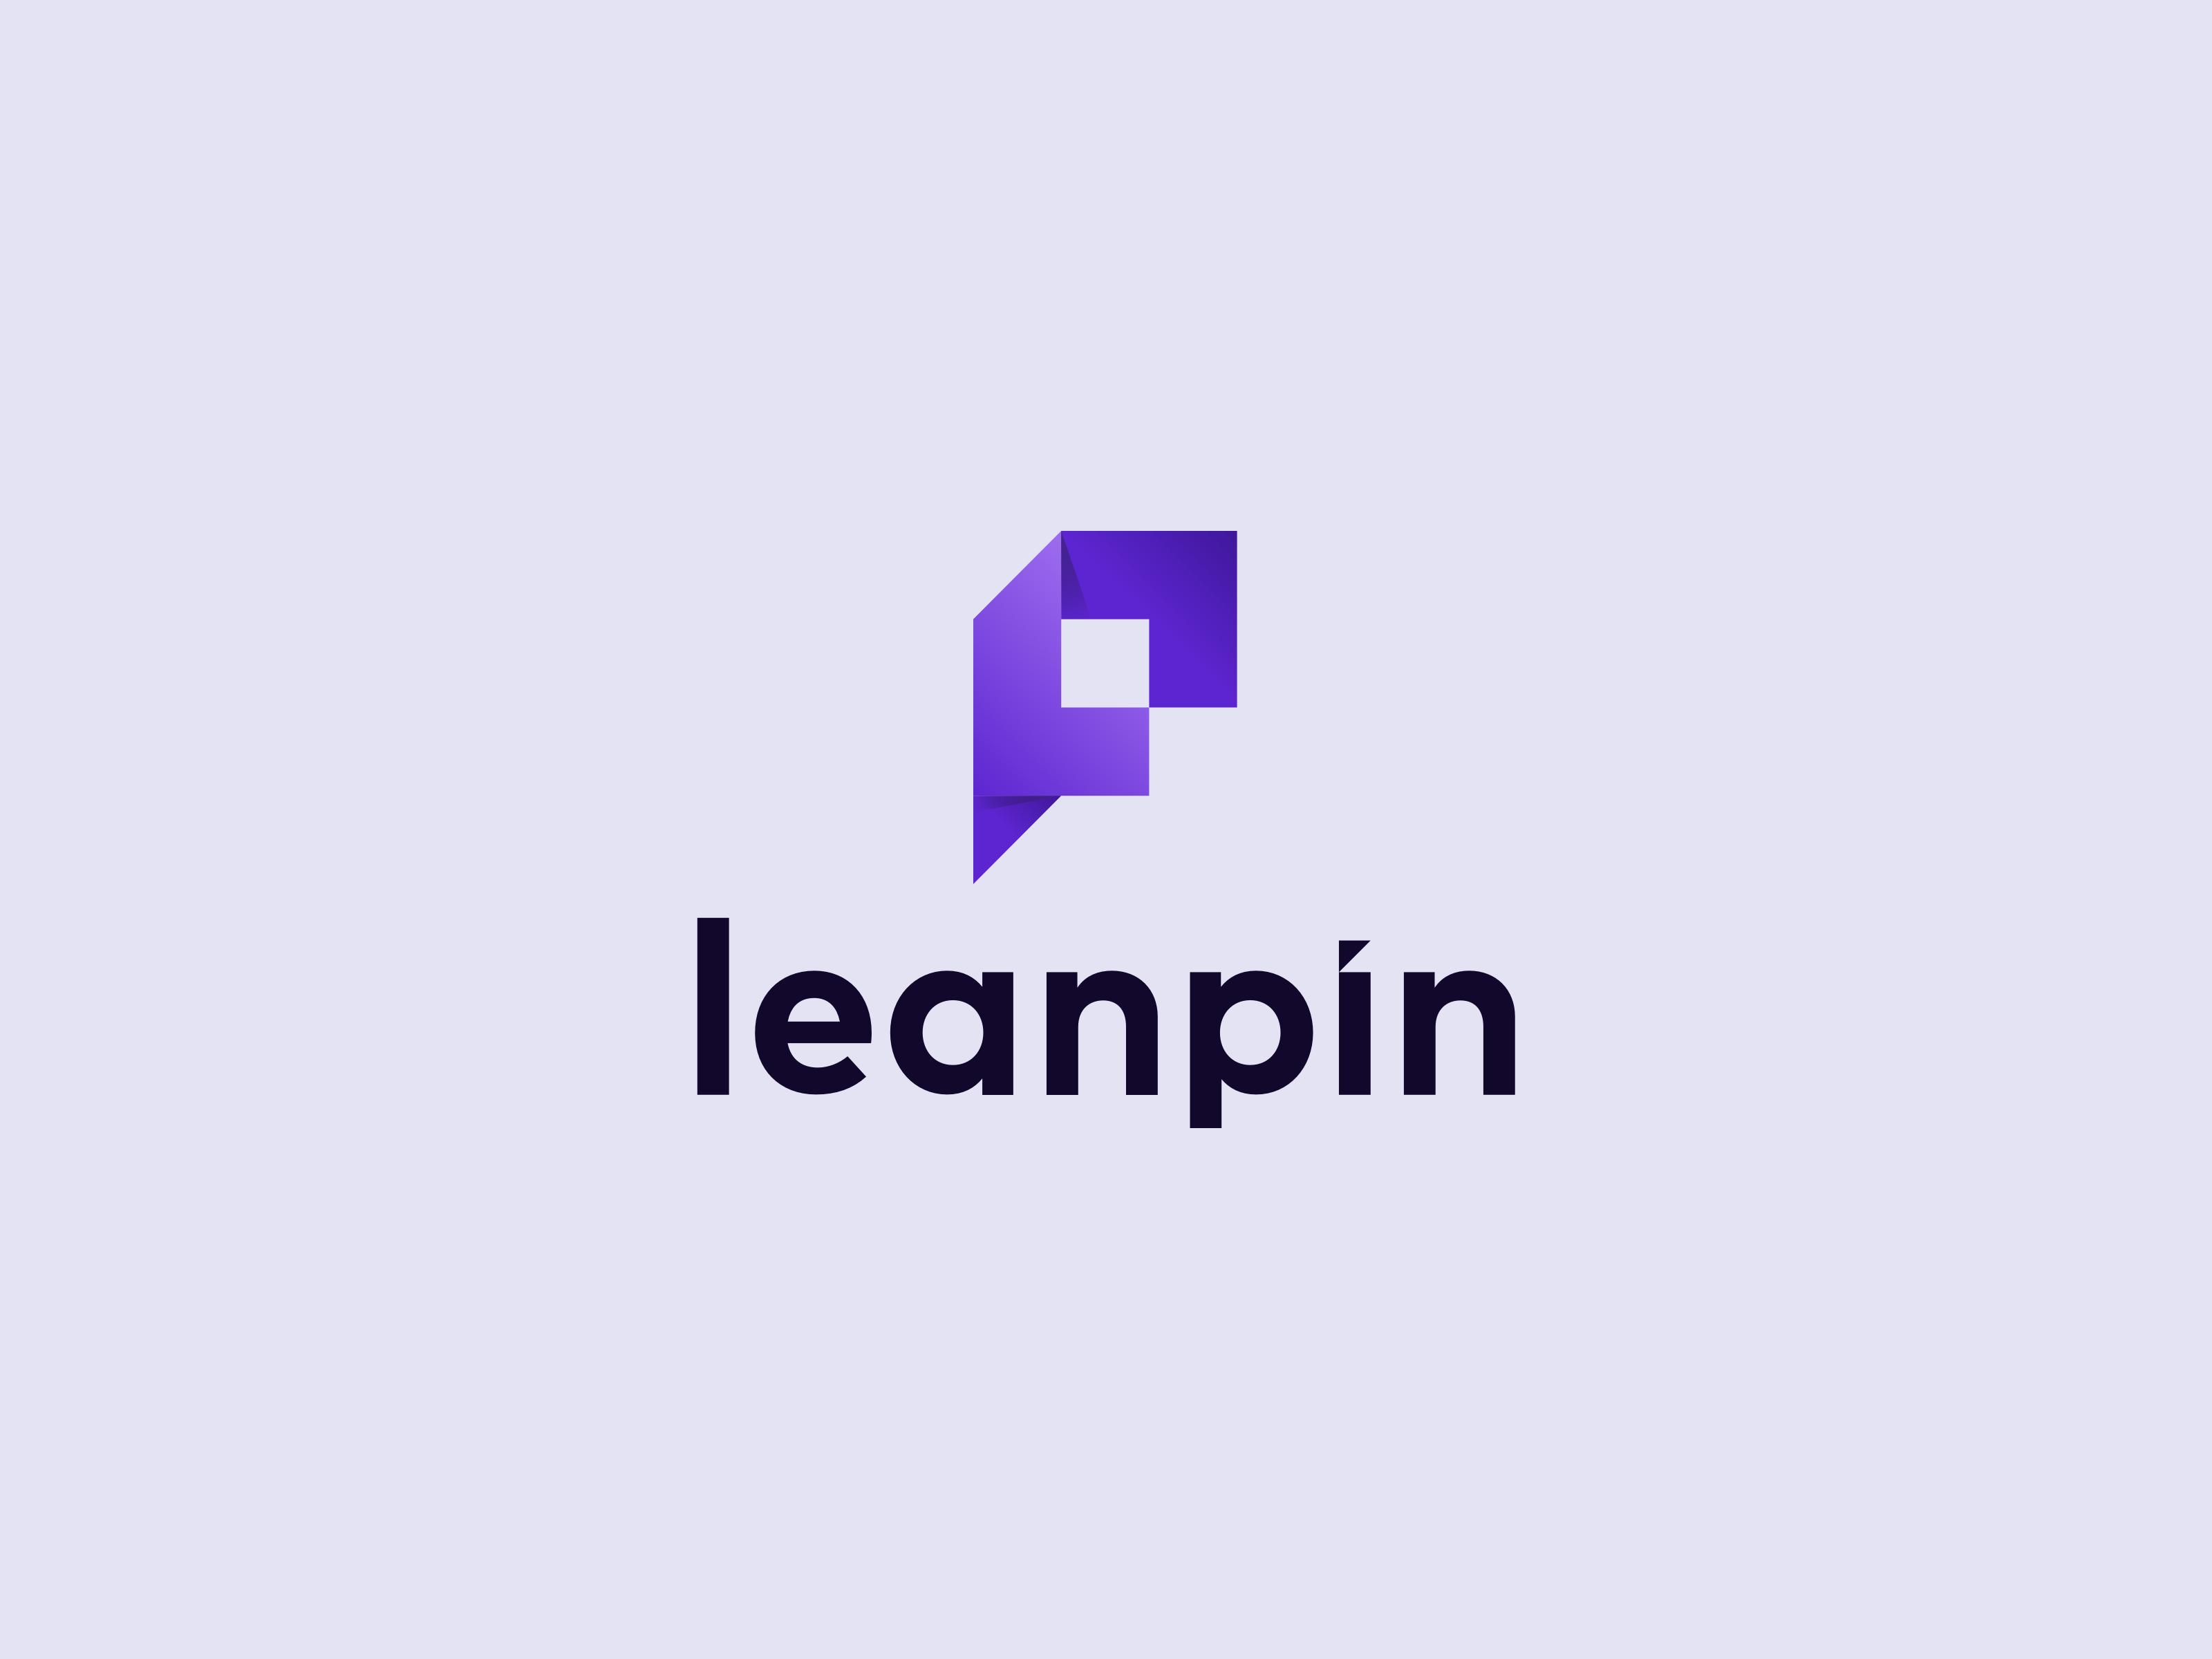 LEANPIN